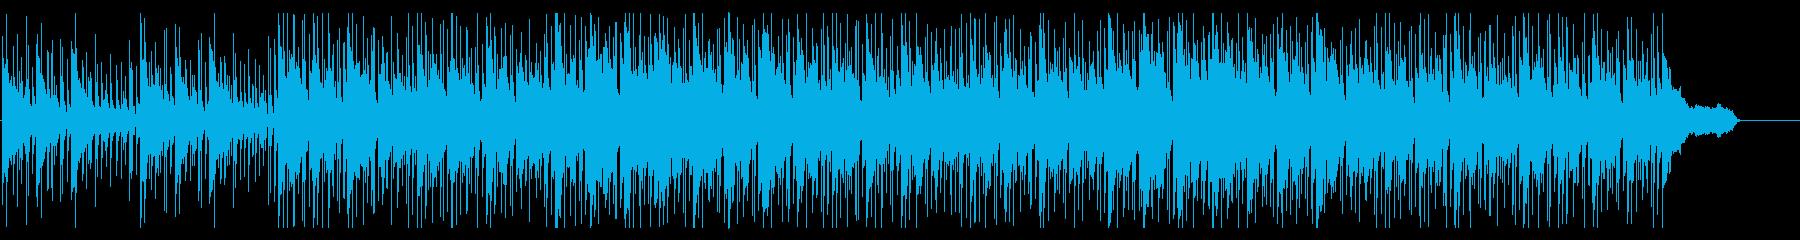 落ち着いたおだやかなコーポレートBGMの再生済みの波形